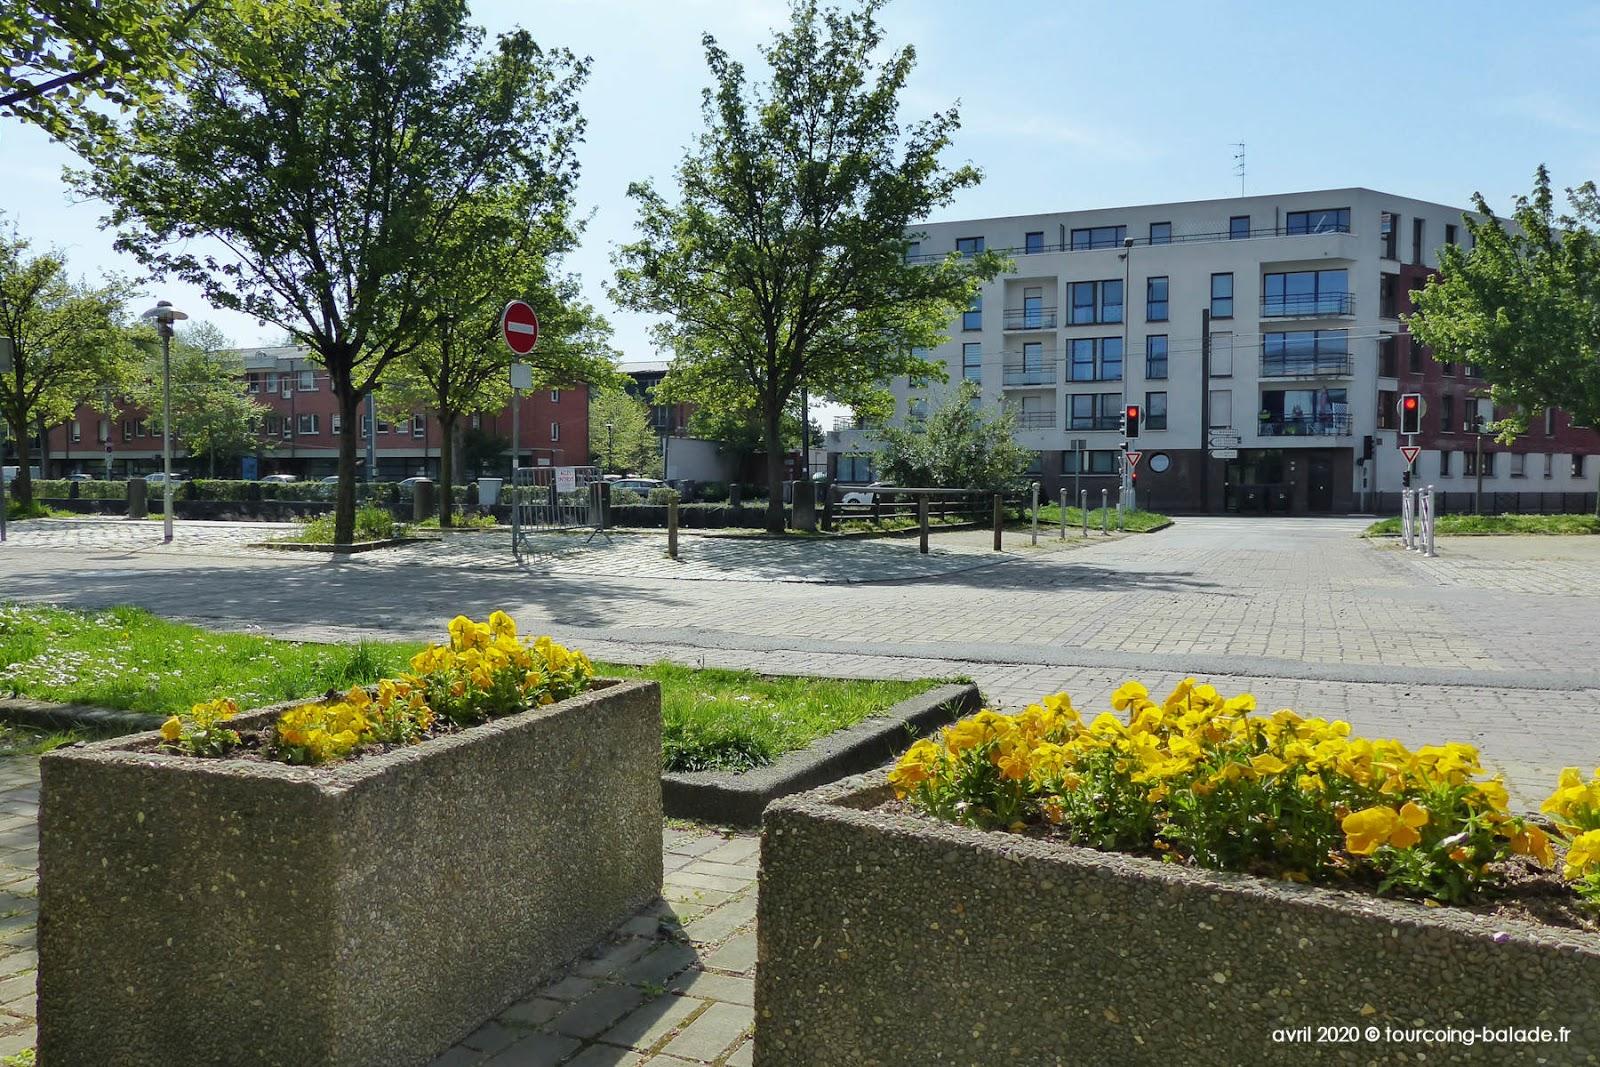 Végétalisation Tourcoing Quai du Havre, 2020